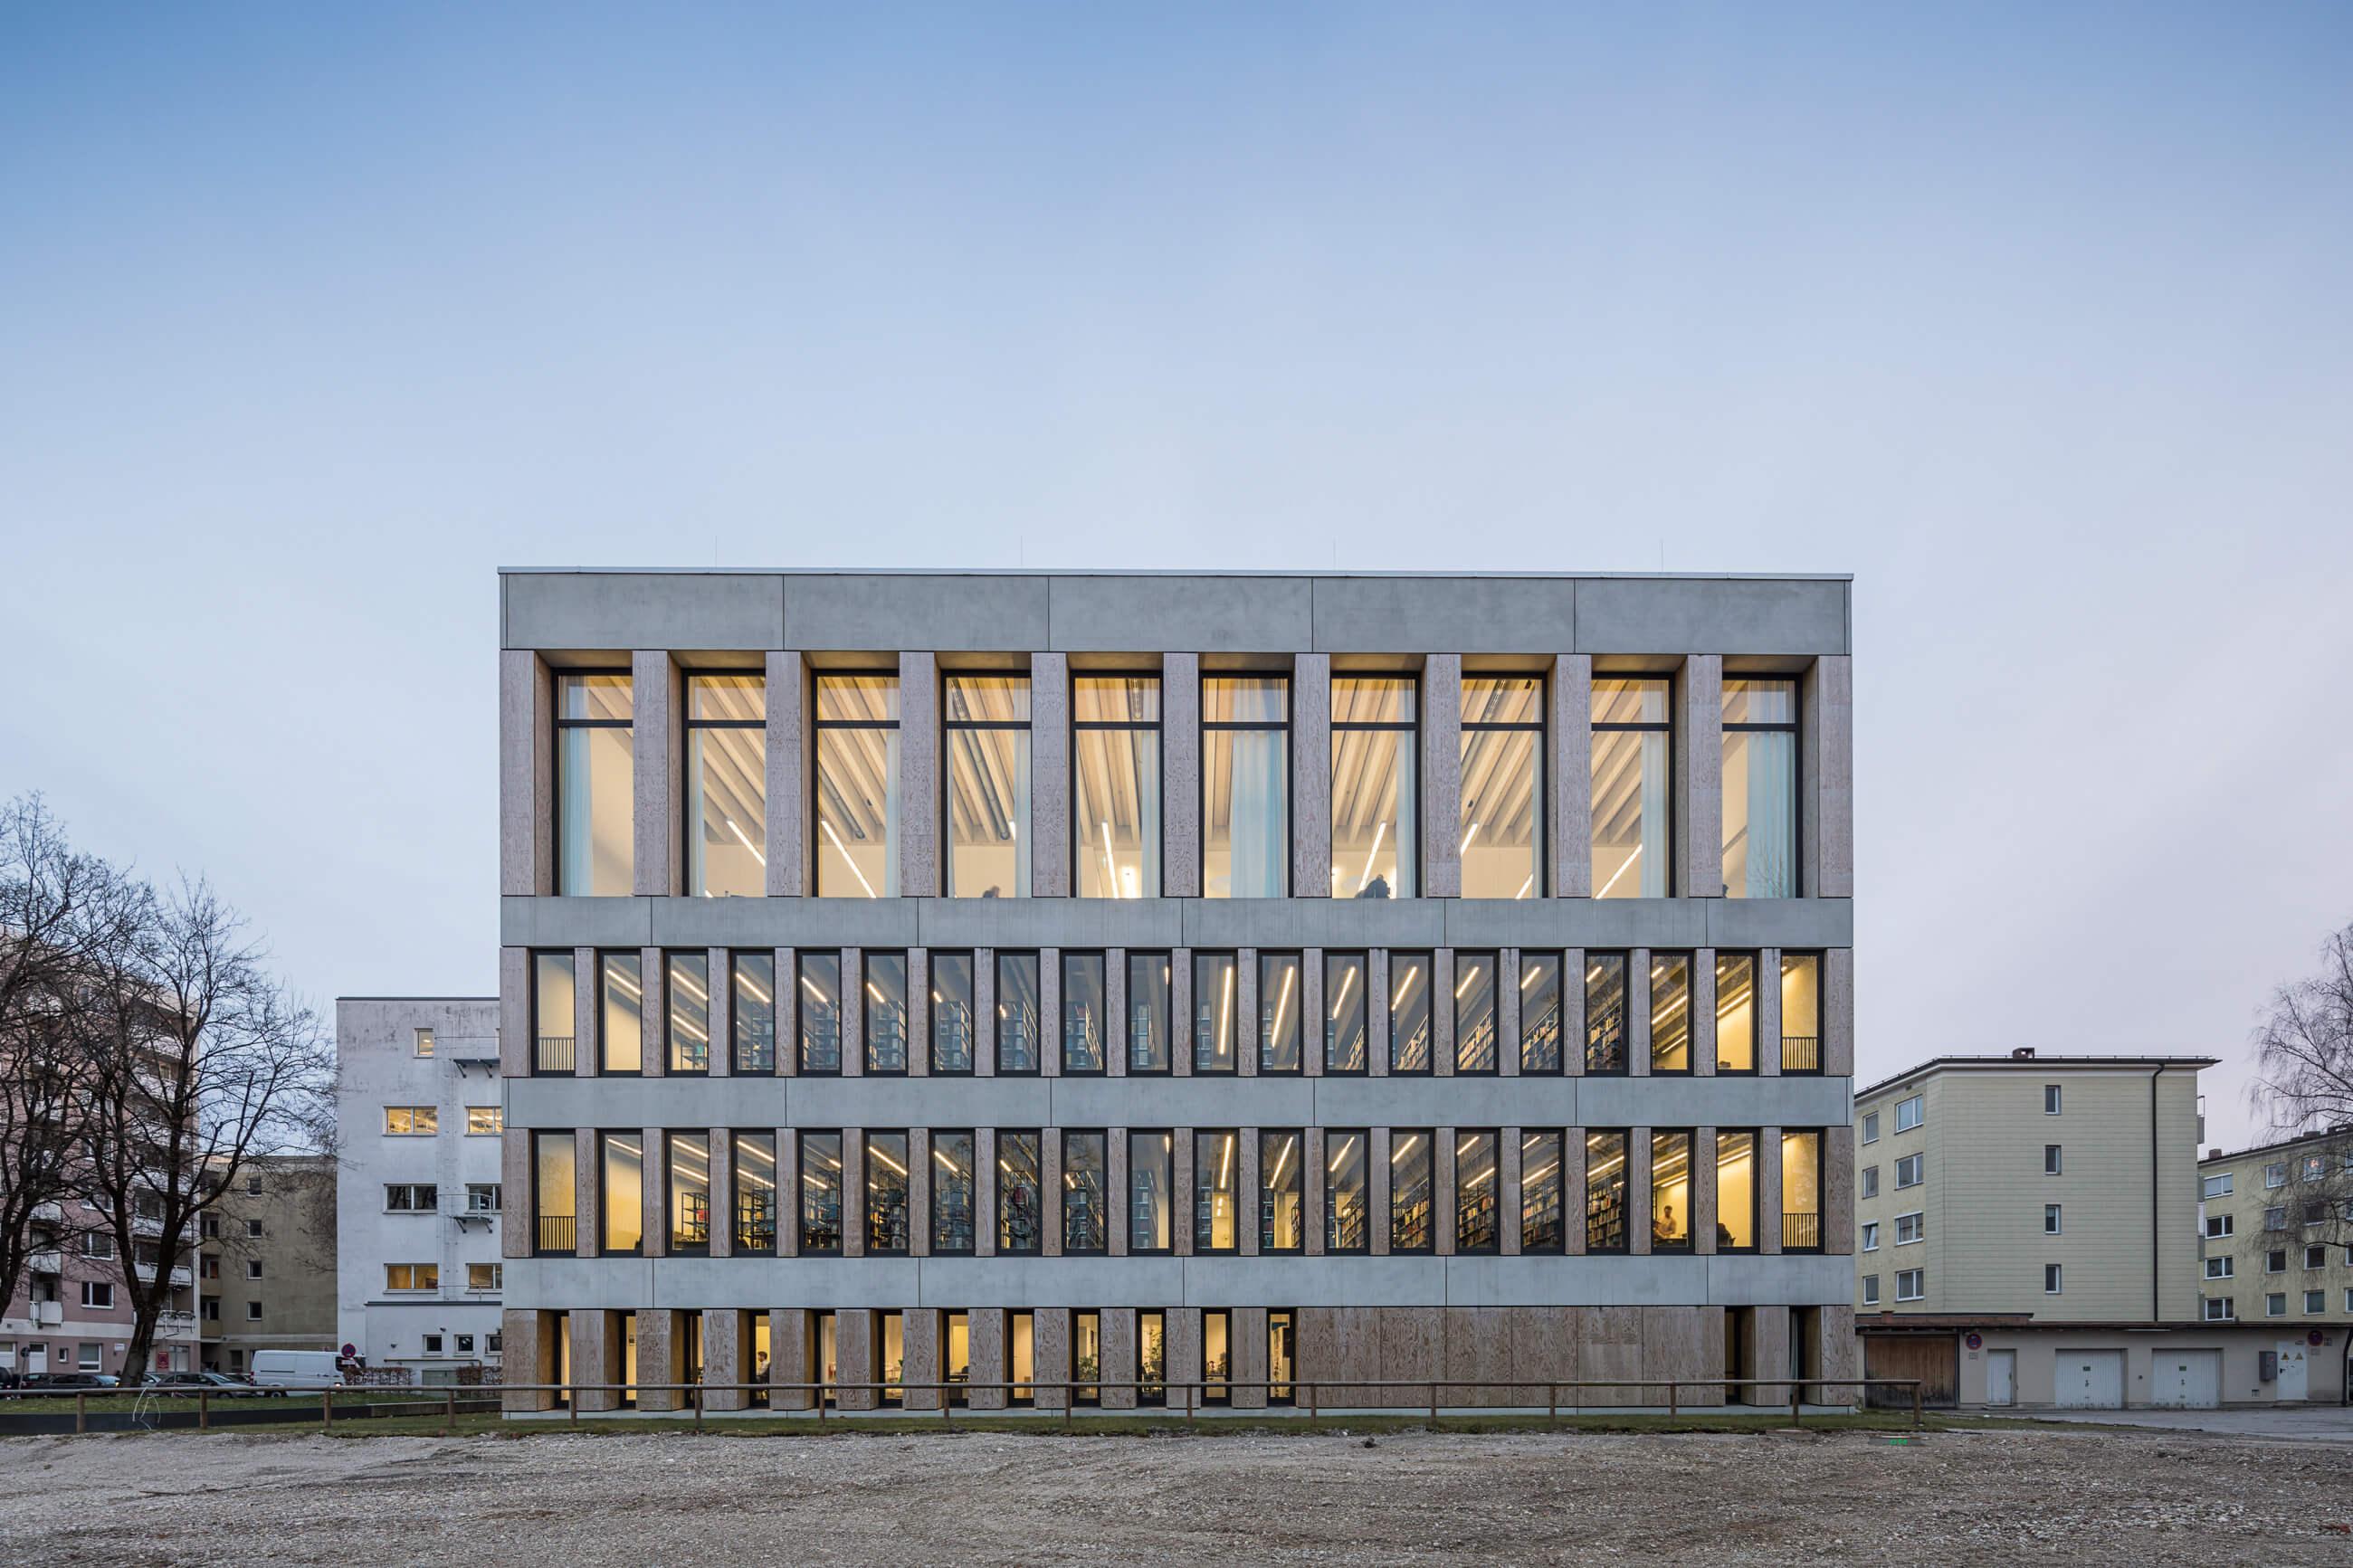 Hochschulbibliothek, München